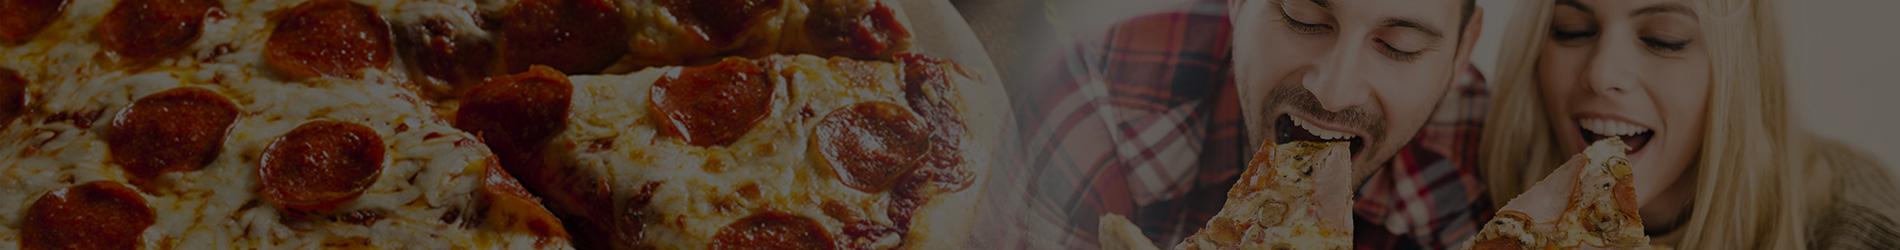 Dia de Pizza